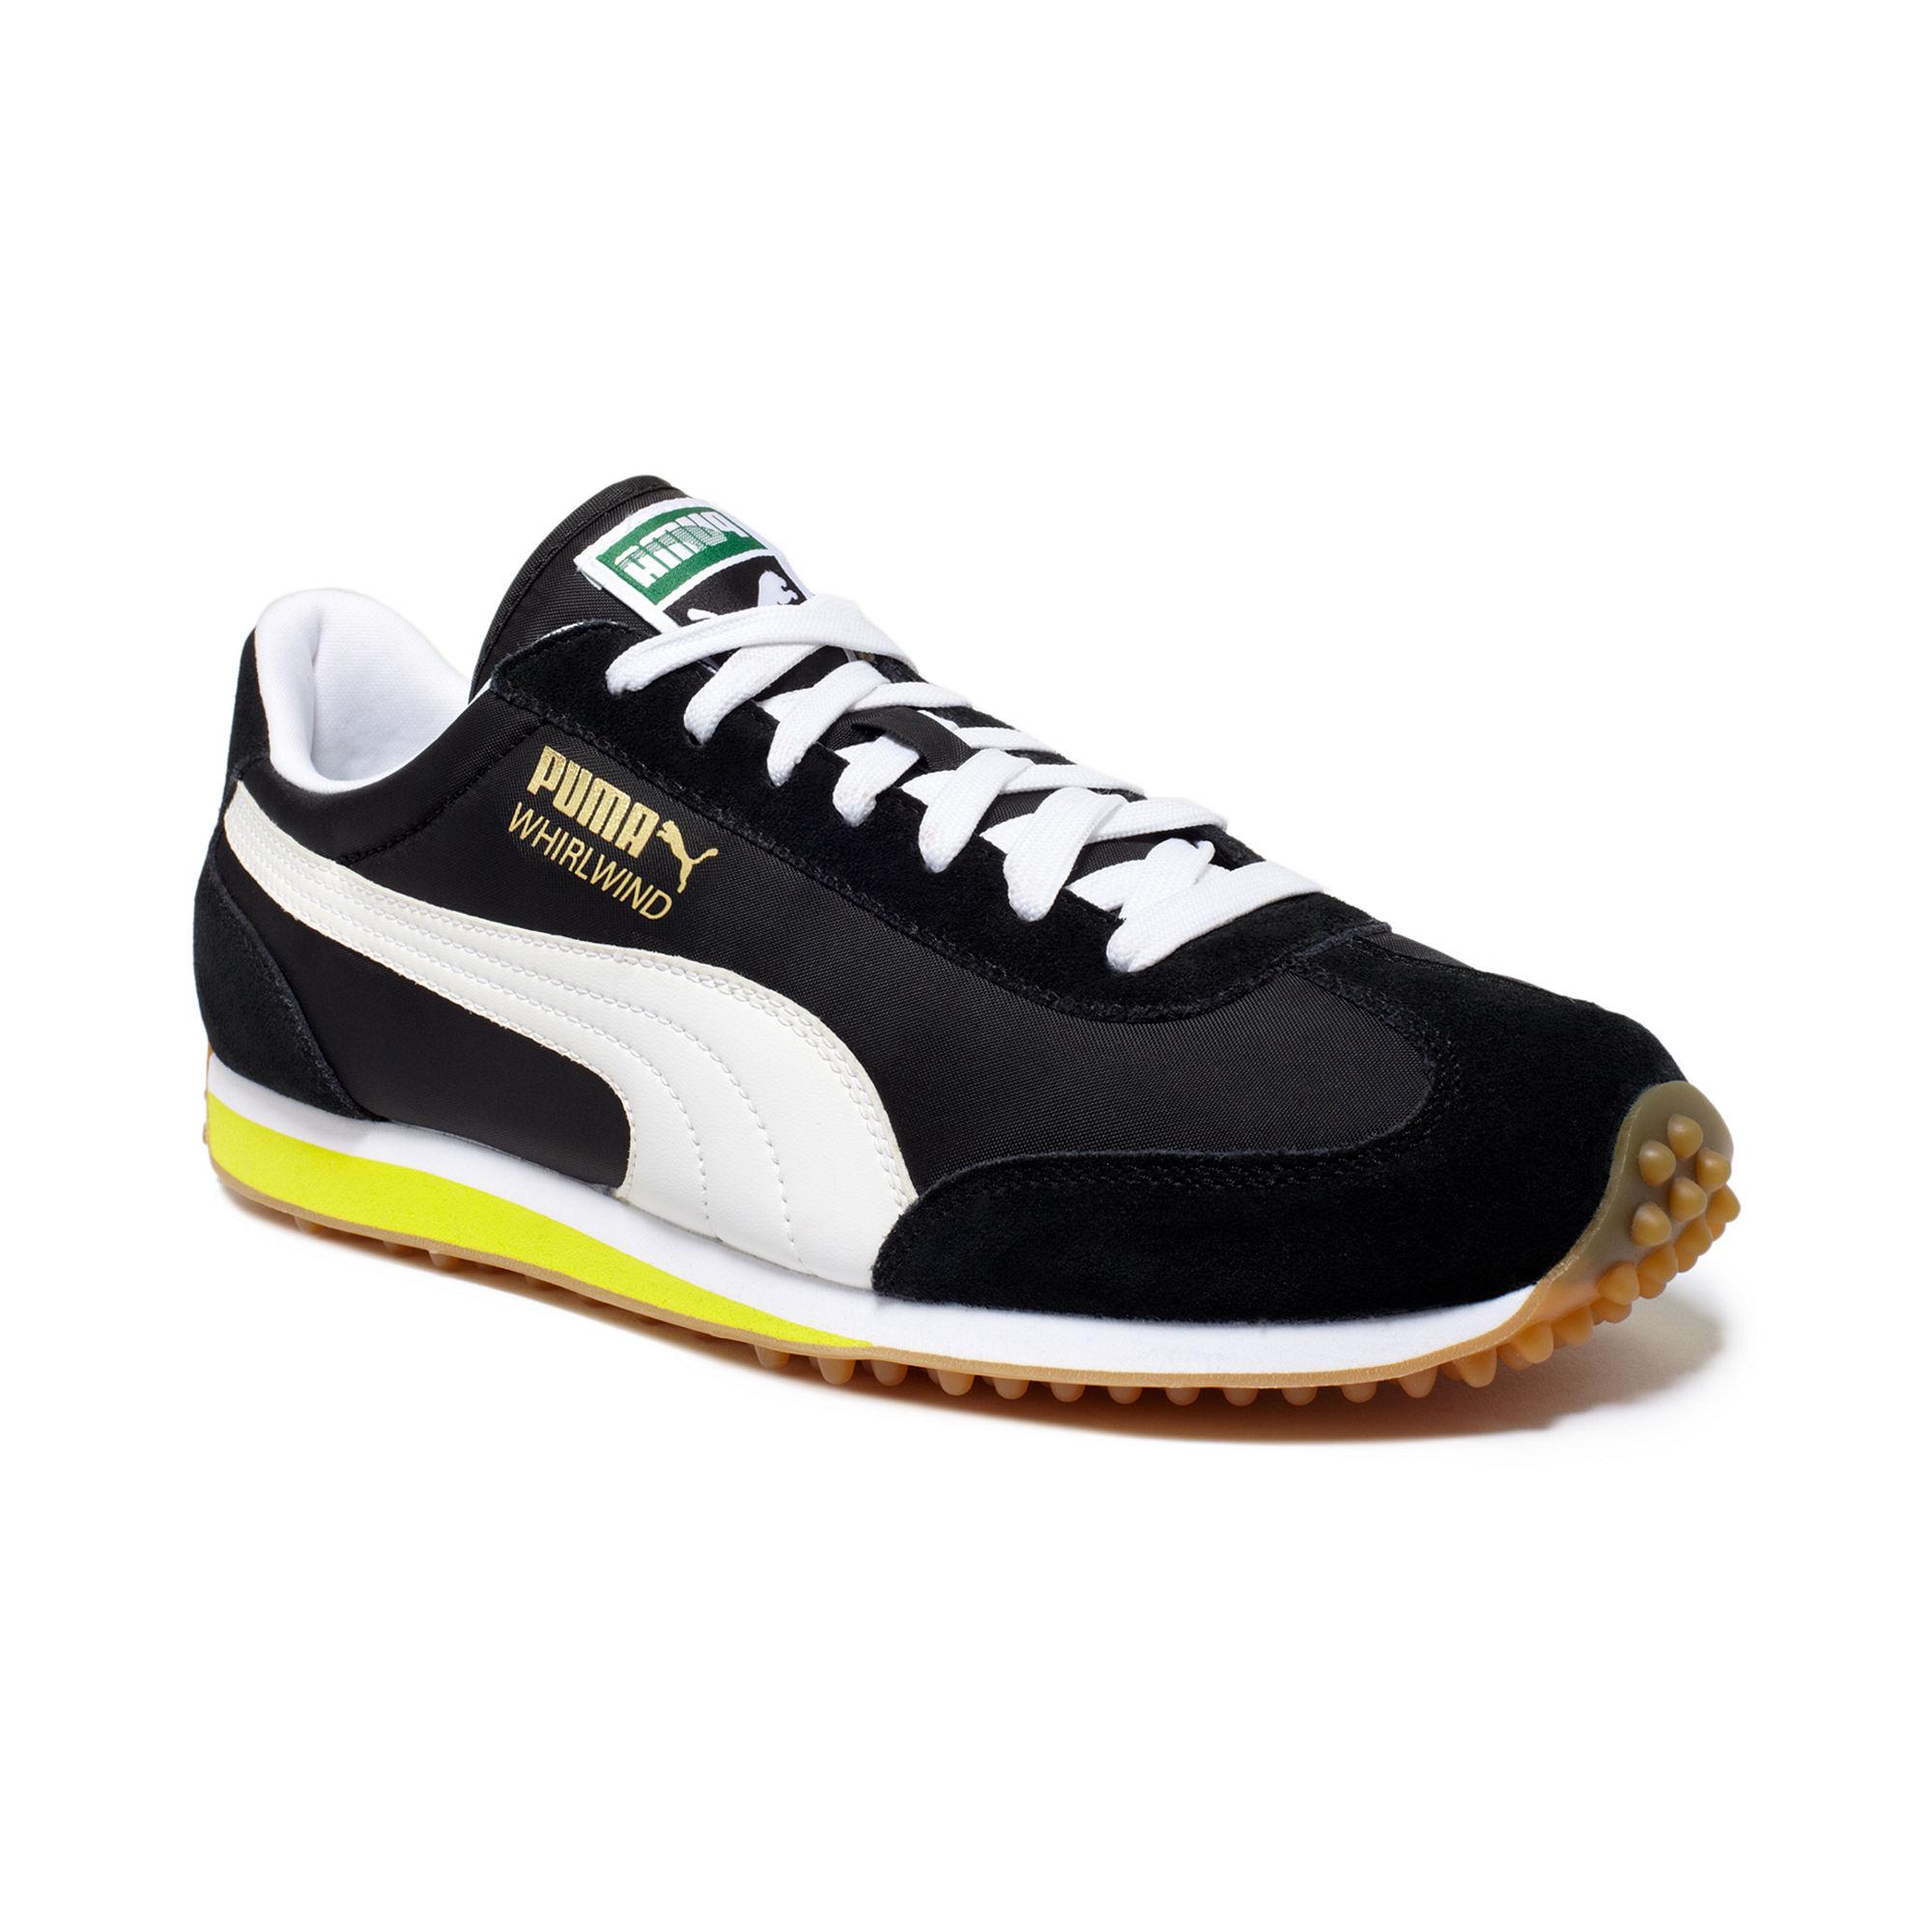 Damen Schuhe Puma Damen Duplex Classic Sneaker Rot 2BhAB5WY